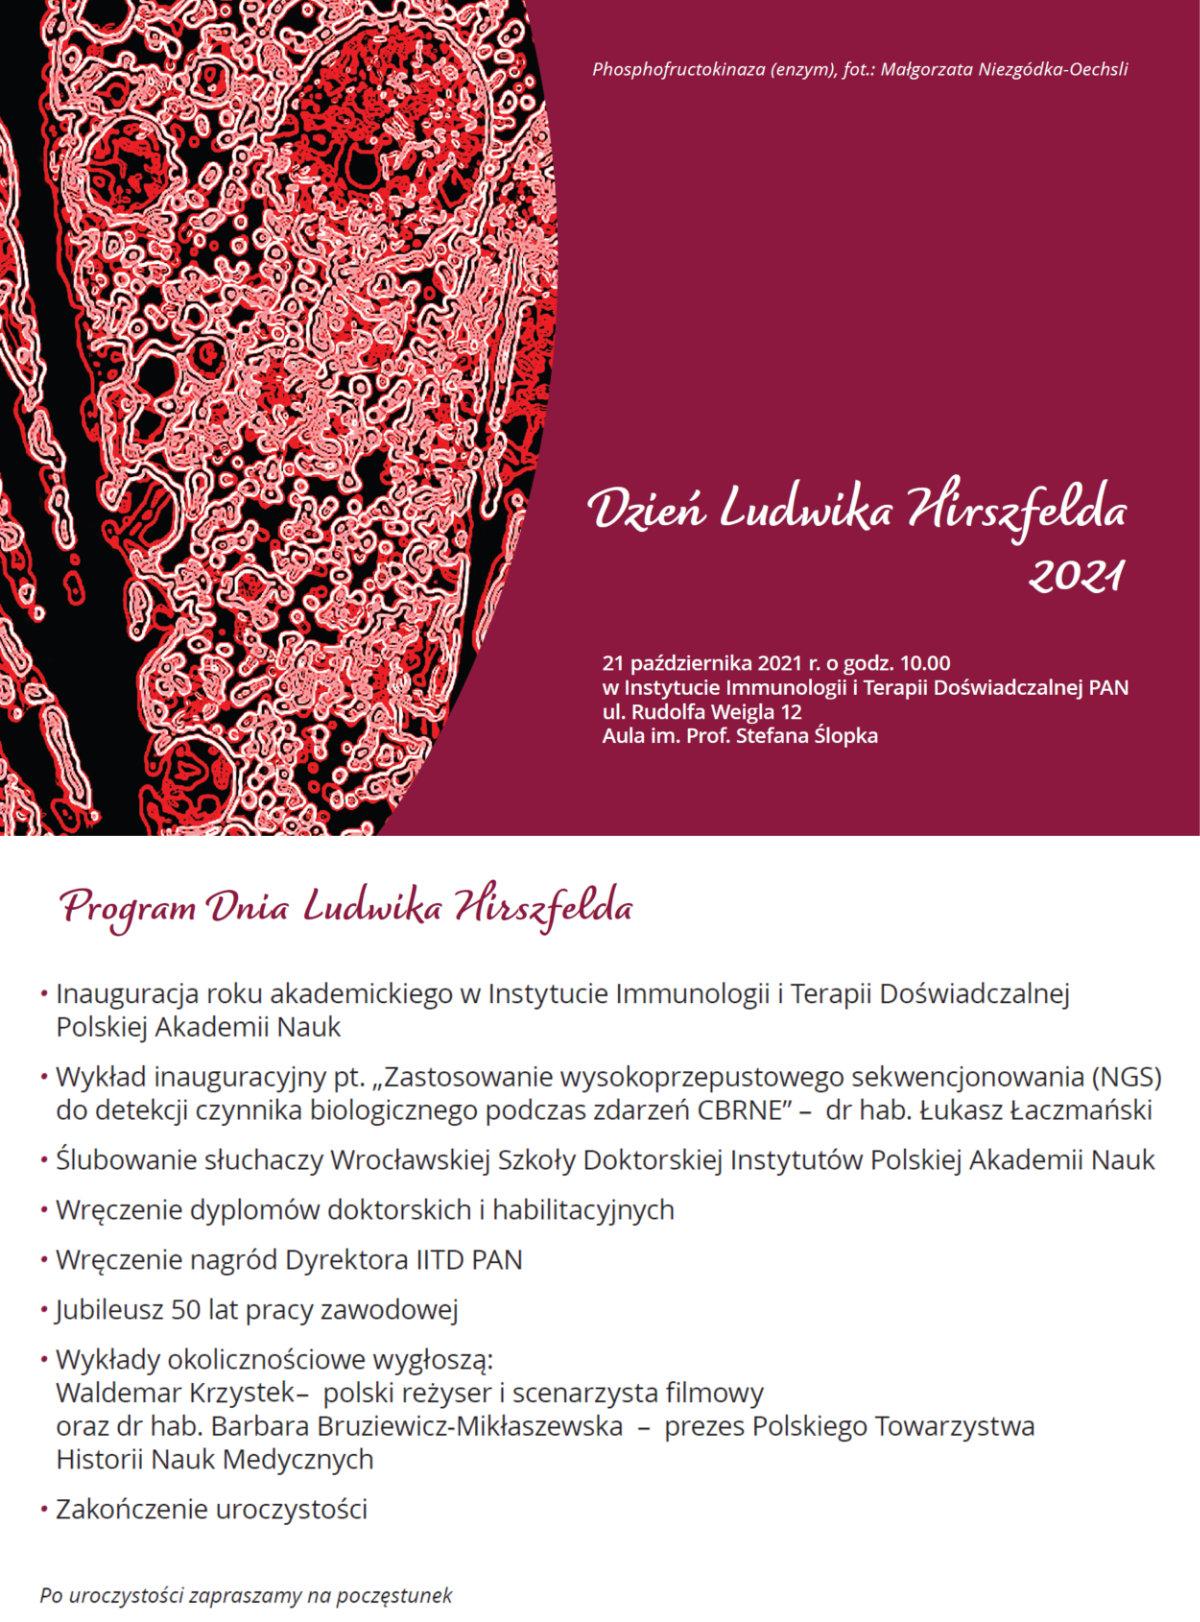 Ósme obchody Dnia Ludwika Hirszfelda - 21 października 2021 - program